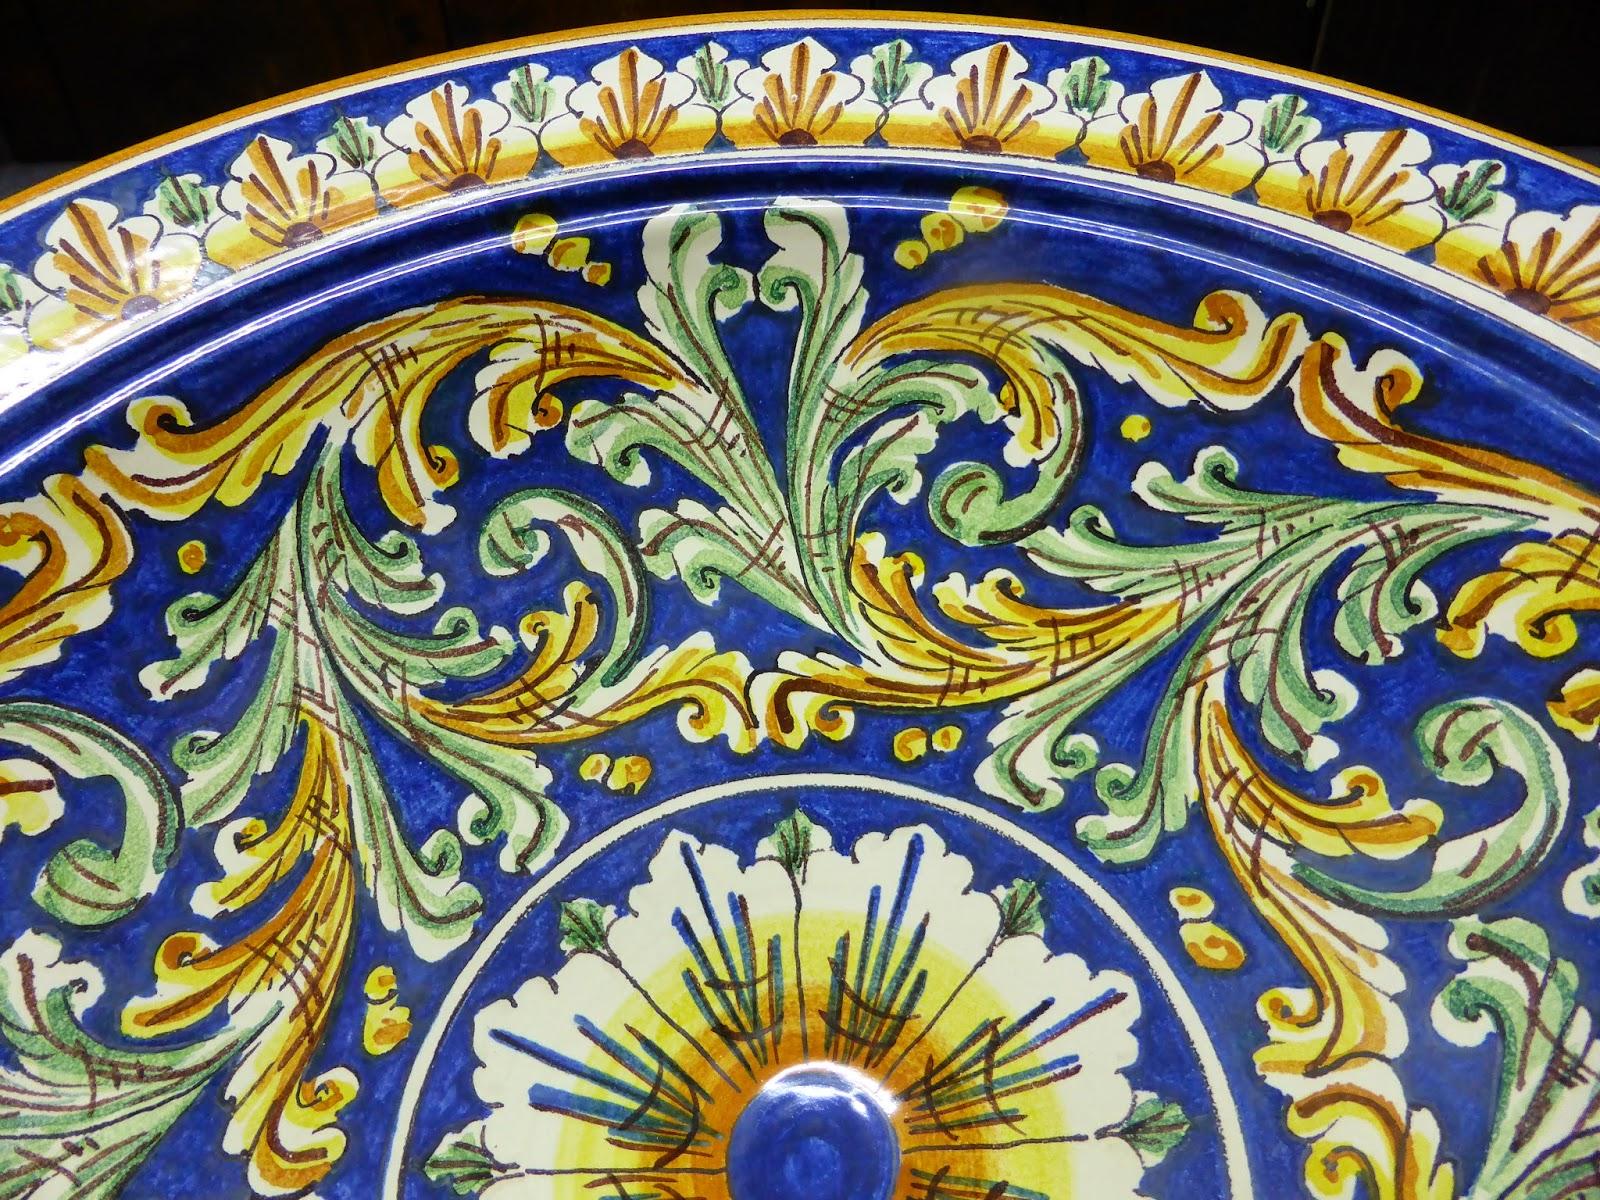 Caltagirone 5 curiosità sulle ceramiche vedi la vita in un clic